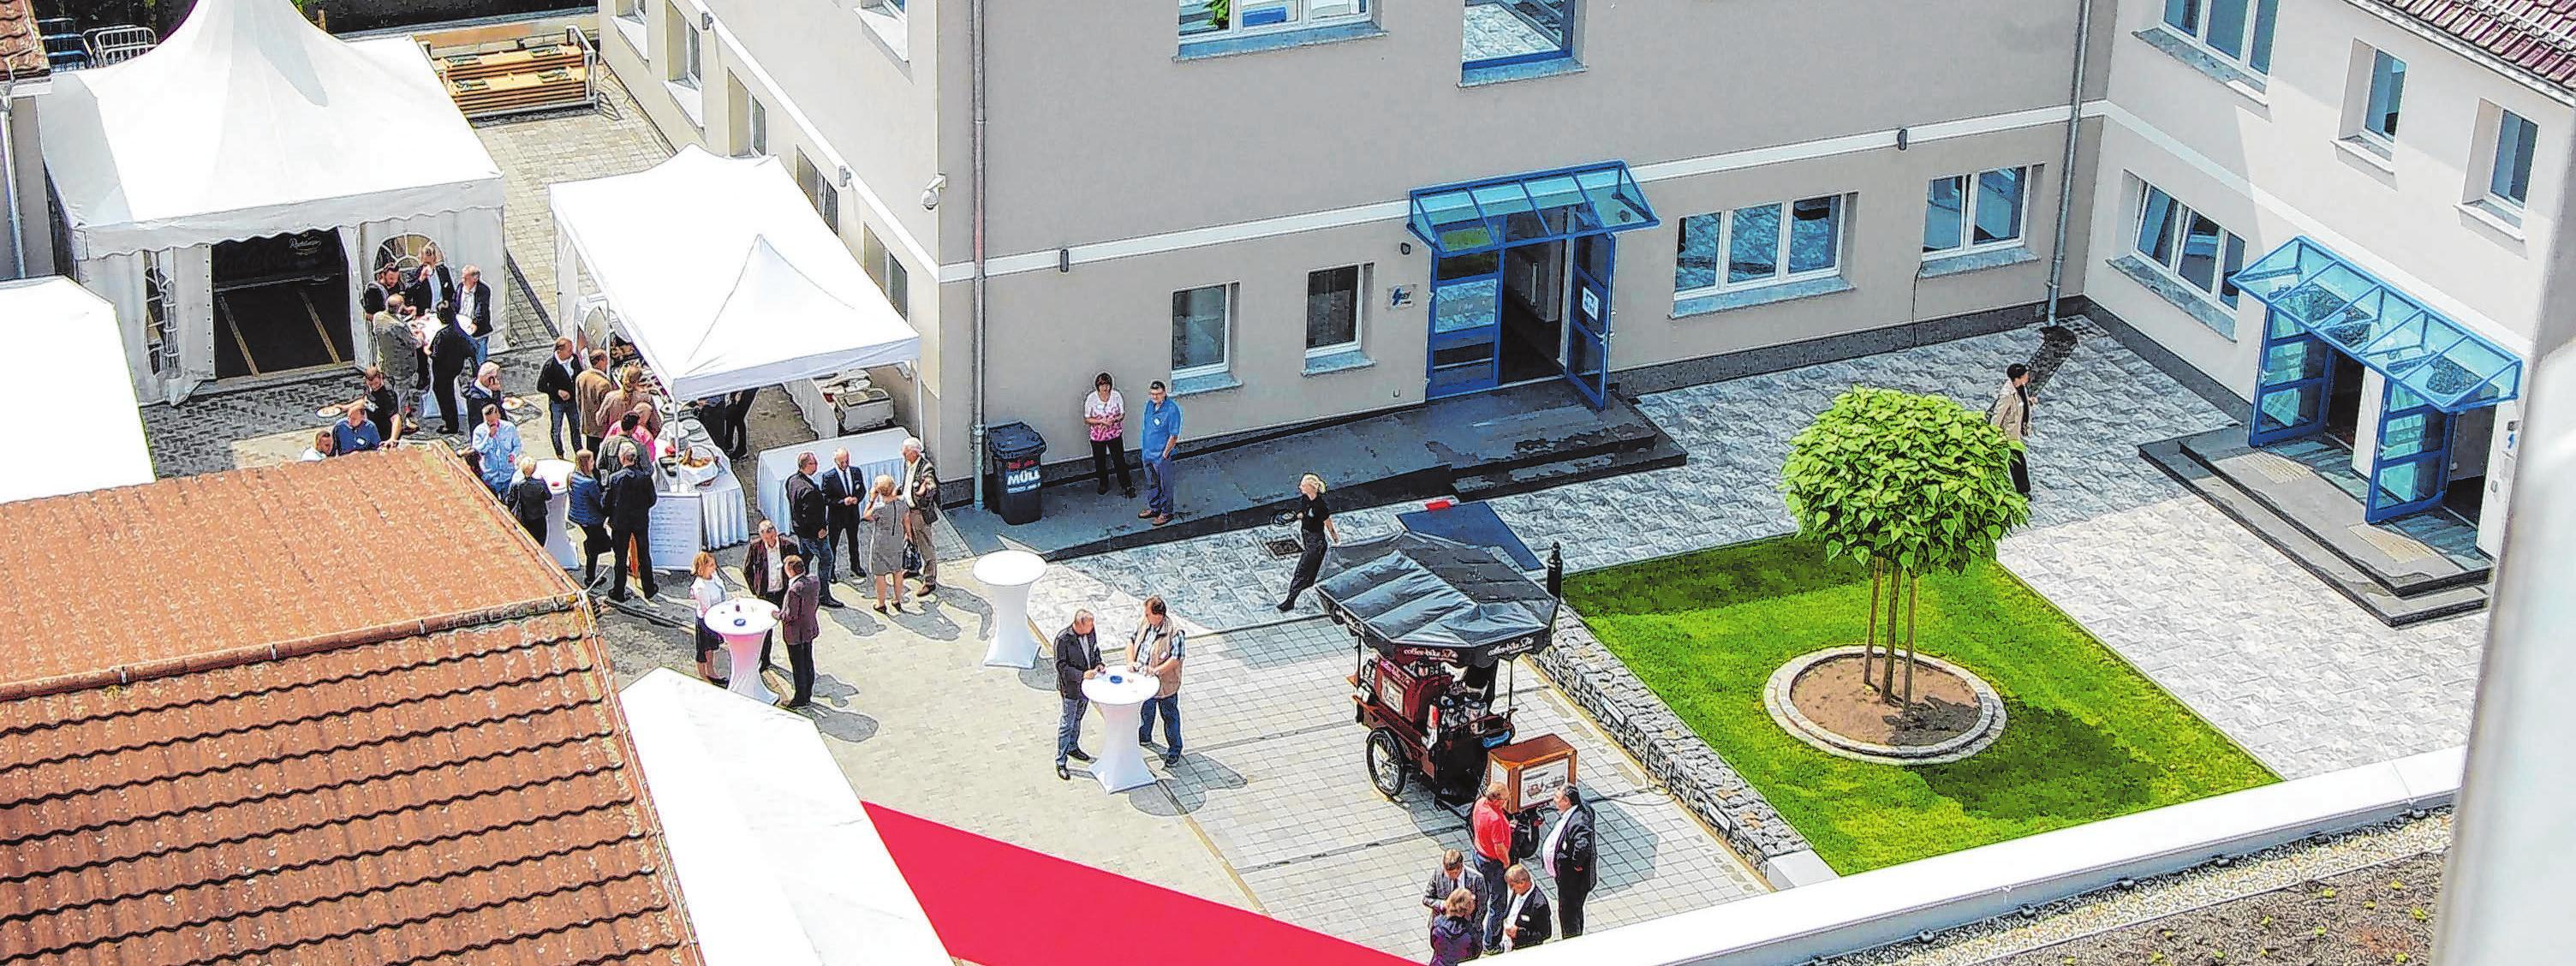 Der Zweckverband ist einer der Mieter im EltAV-Gebäude. Hier die Hofseite zur Eröffnungsfeier. Archivfoto: Weißapfe